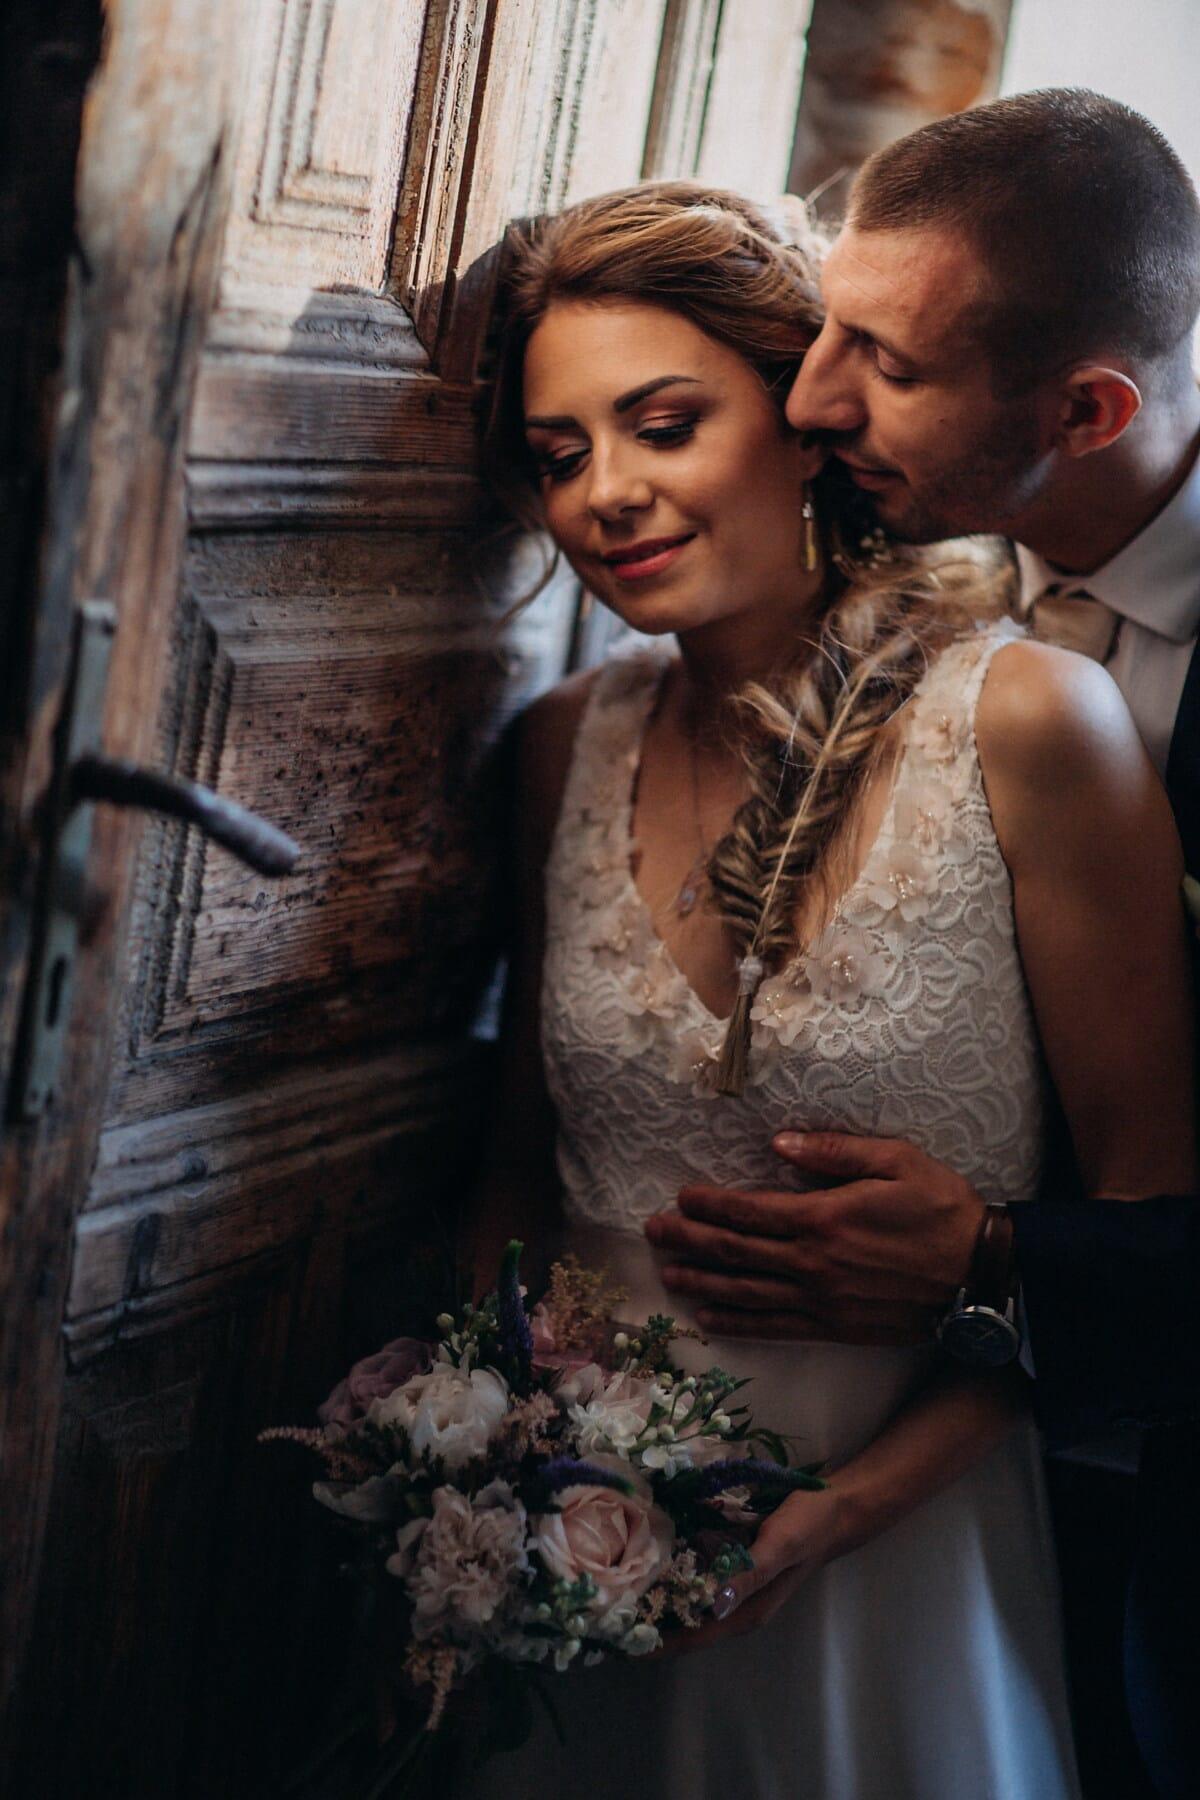 ingång, ytterdörren, nygift, Kyss, ömhet, hals, bruden, porträtt, bröllop, brudgummen